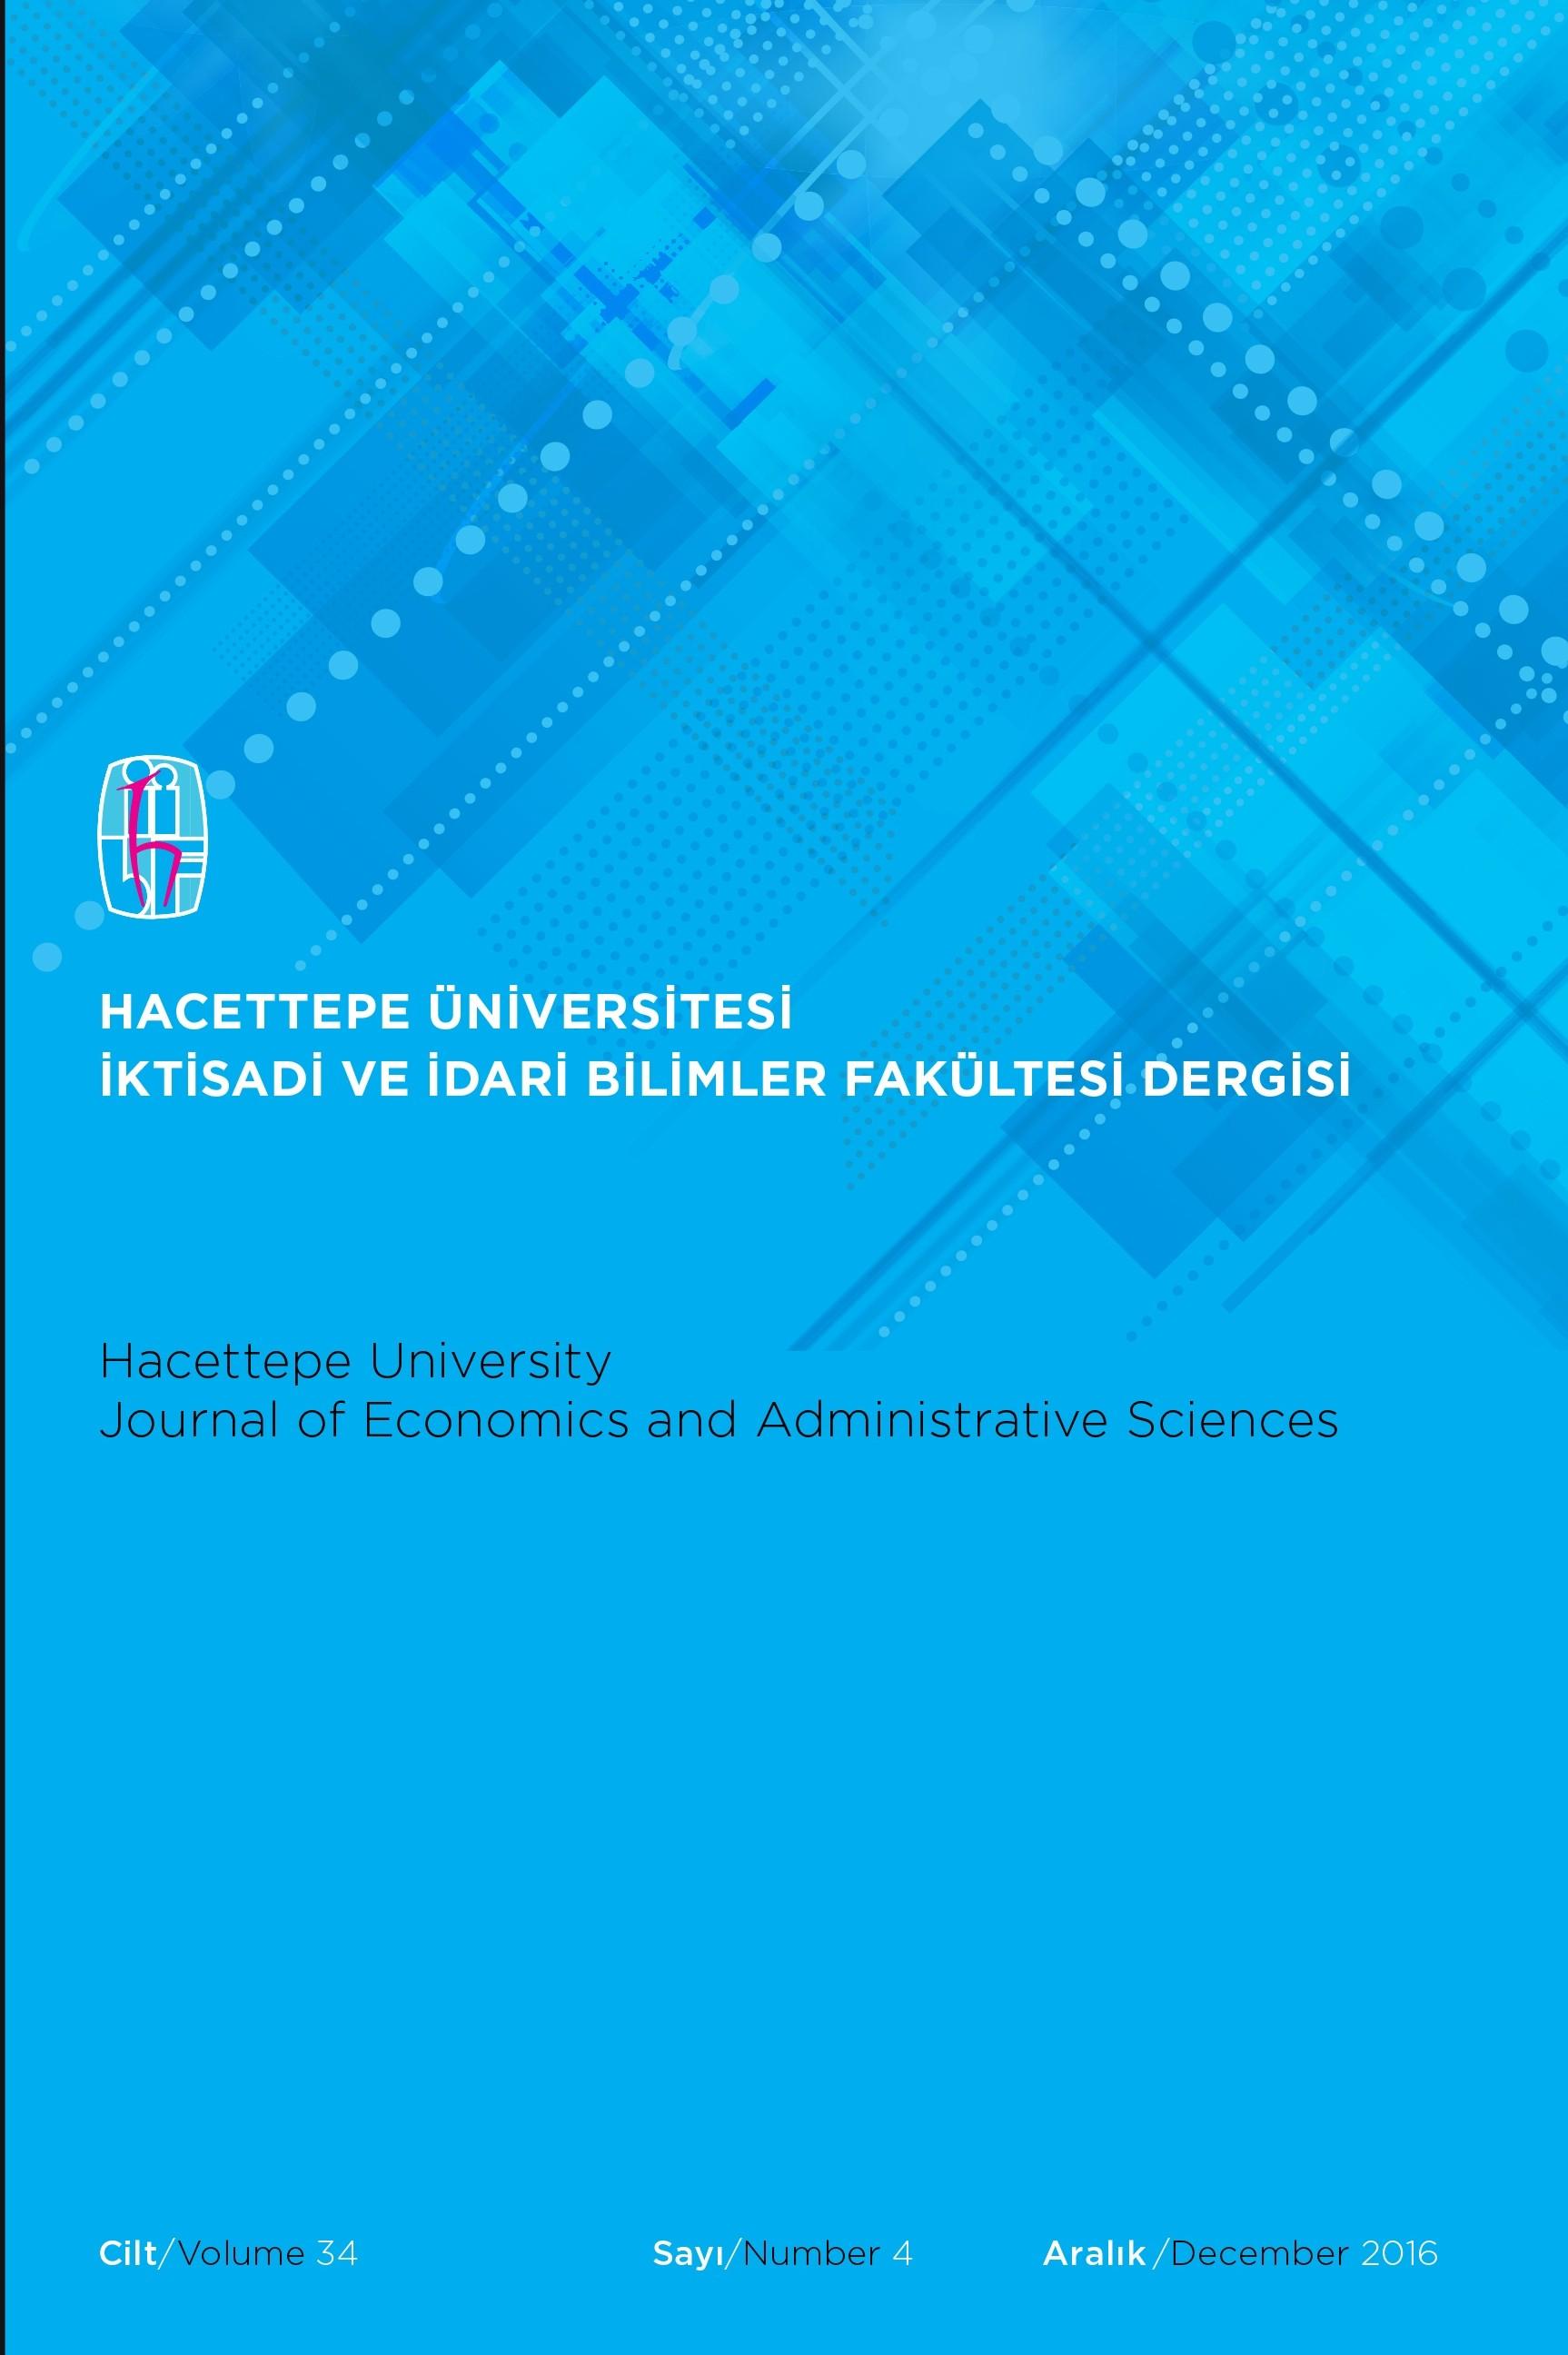 Hacettepe Üniversitesi İktisadi ve İdari Bilimler Fakültesi Dergisi